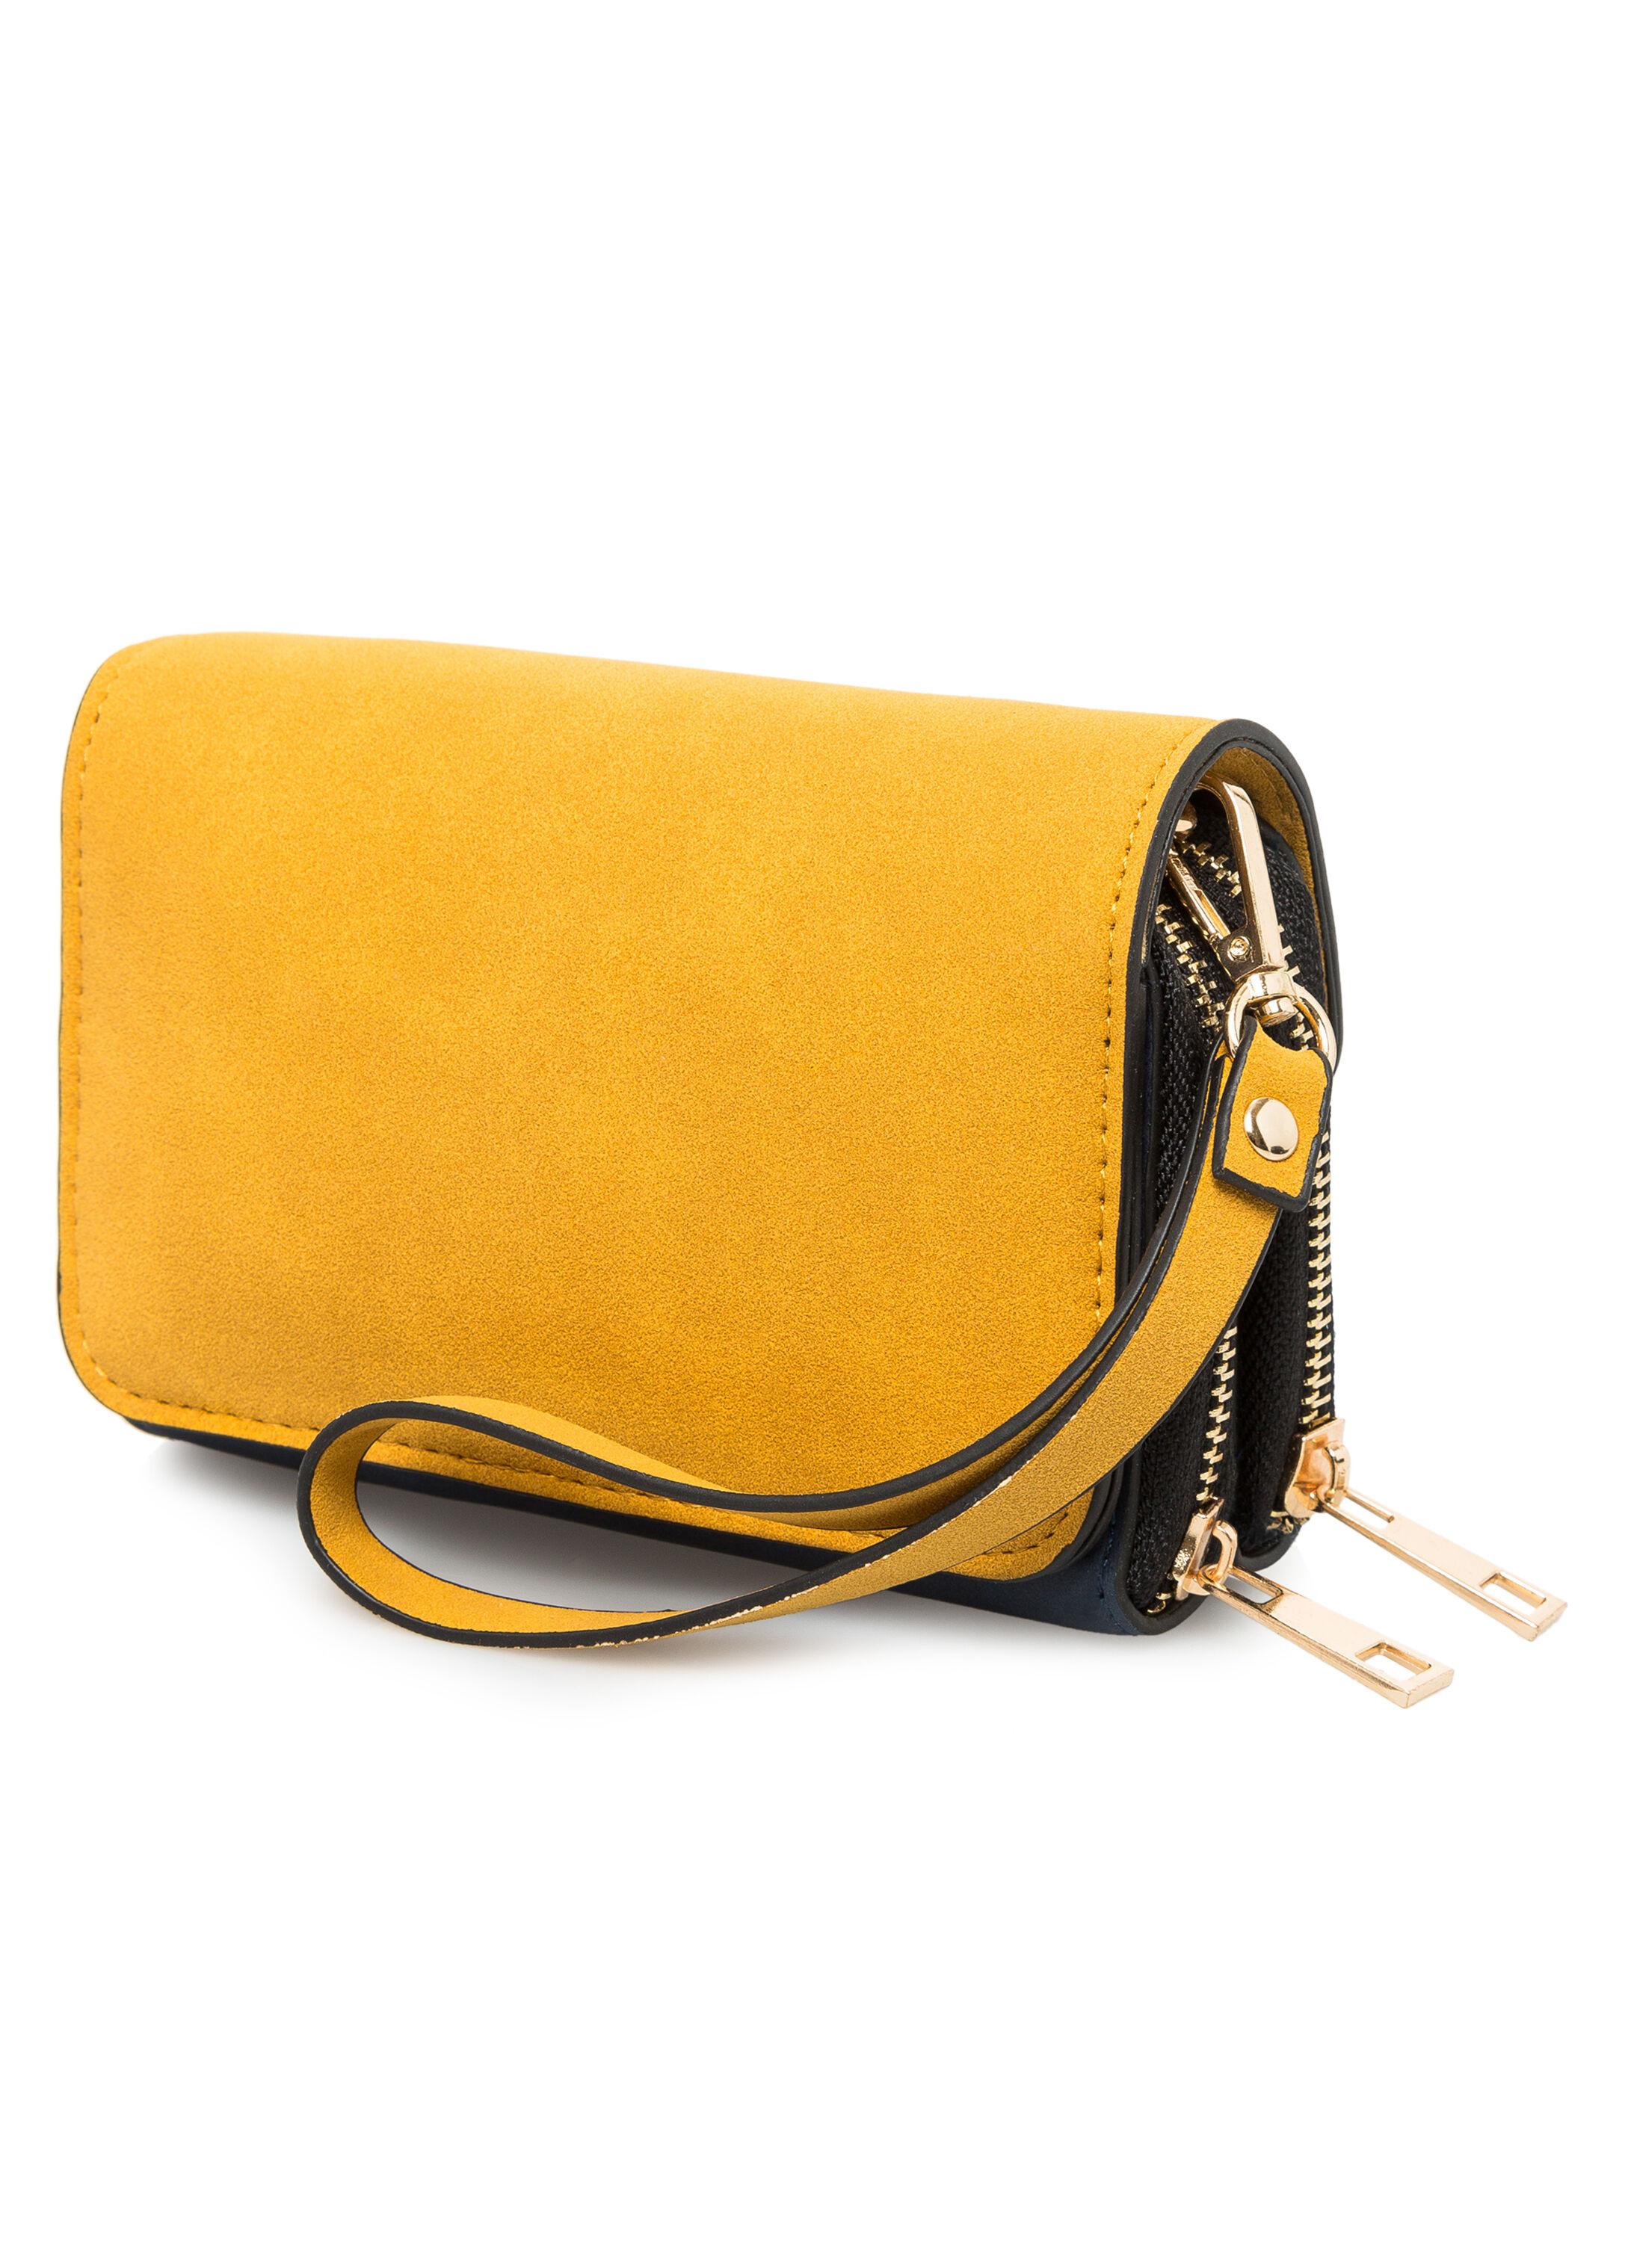 Oversized Wristlet Wallet Bag